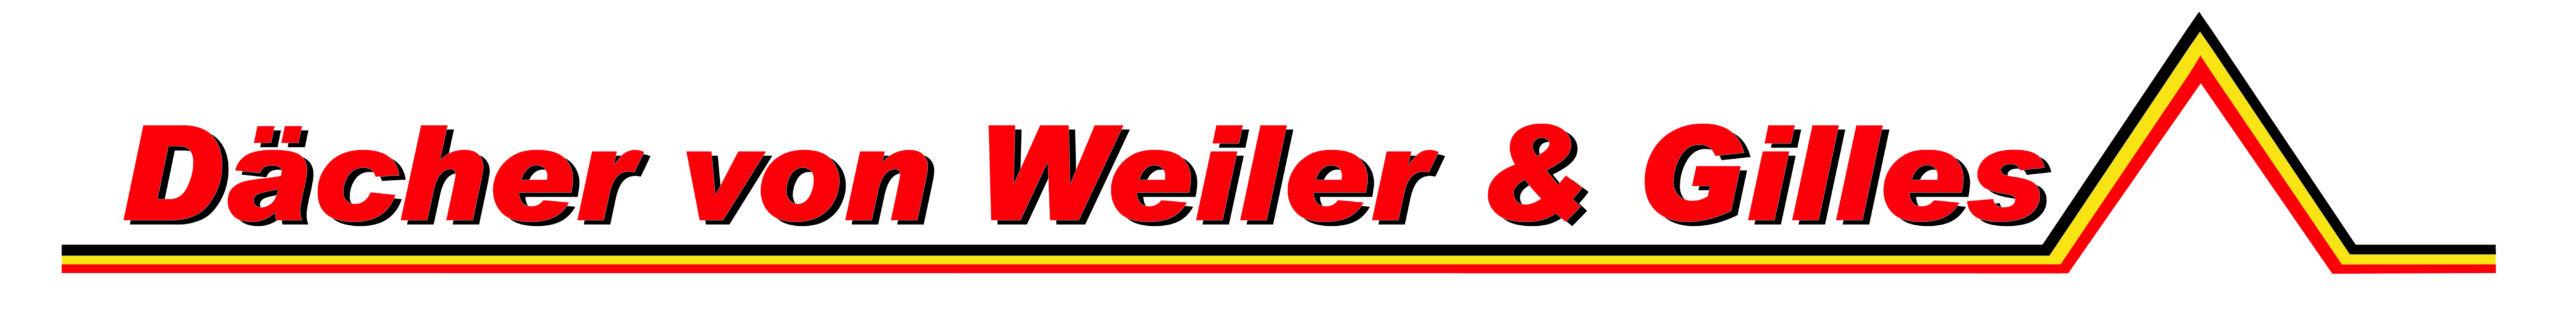 Daecher-von-Weiler-und-Gilles-02